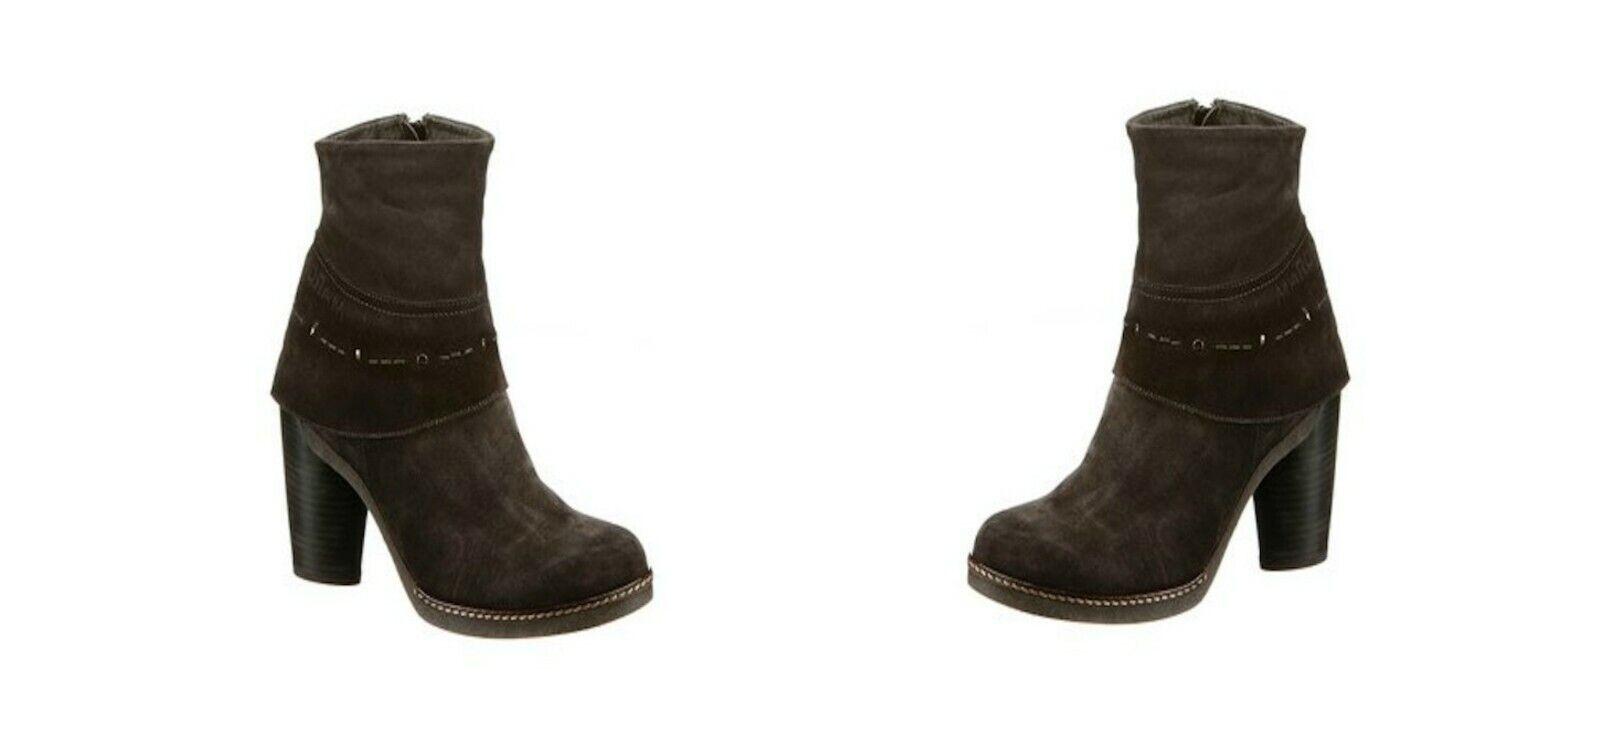 MARC Stiefeletten Stiefel Stiefel Halbstiefel 141938, EU 42, braun